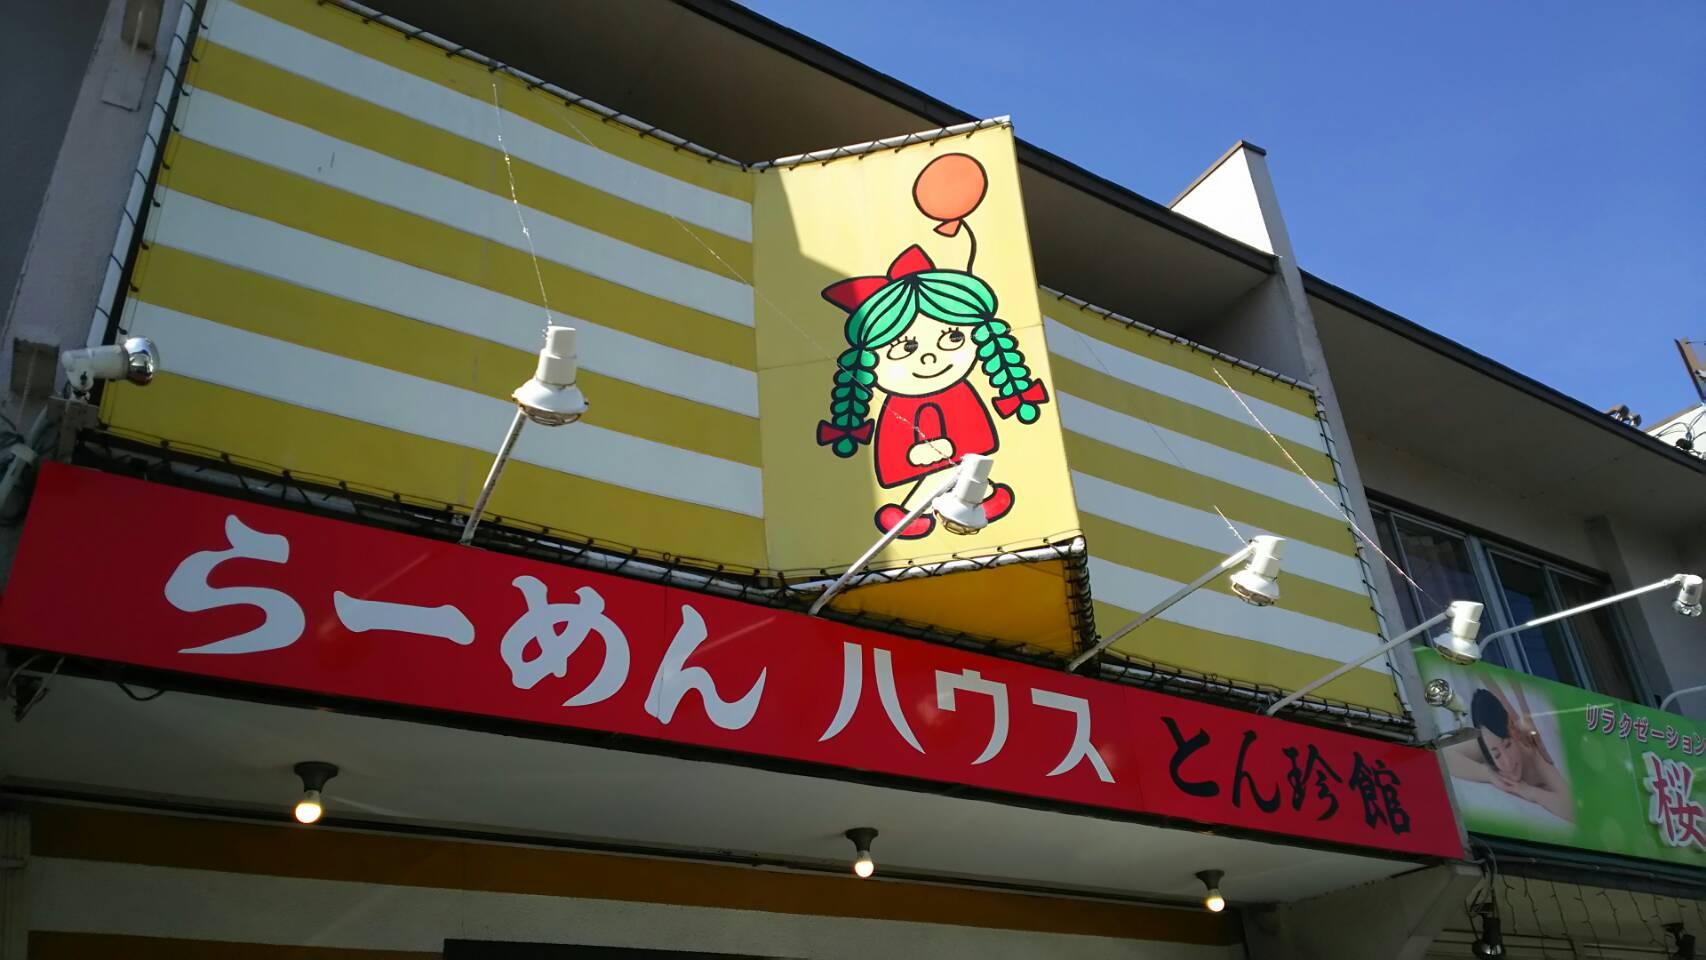 古い感じでも味は保障!岡崎市岩津町のらーめんハウス とん珍館(とんちんかん)に行ってきた【レビュー】